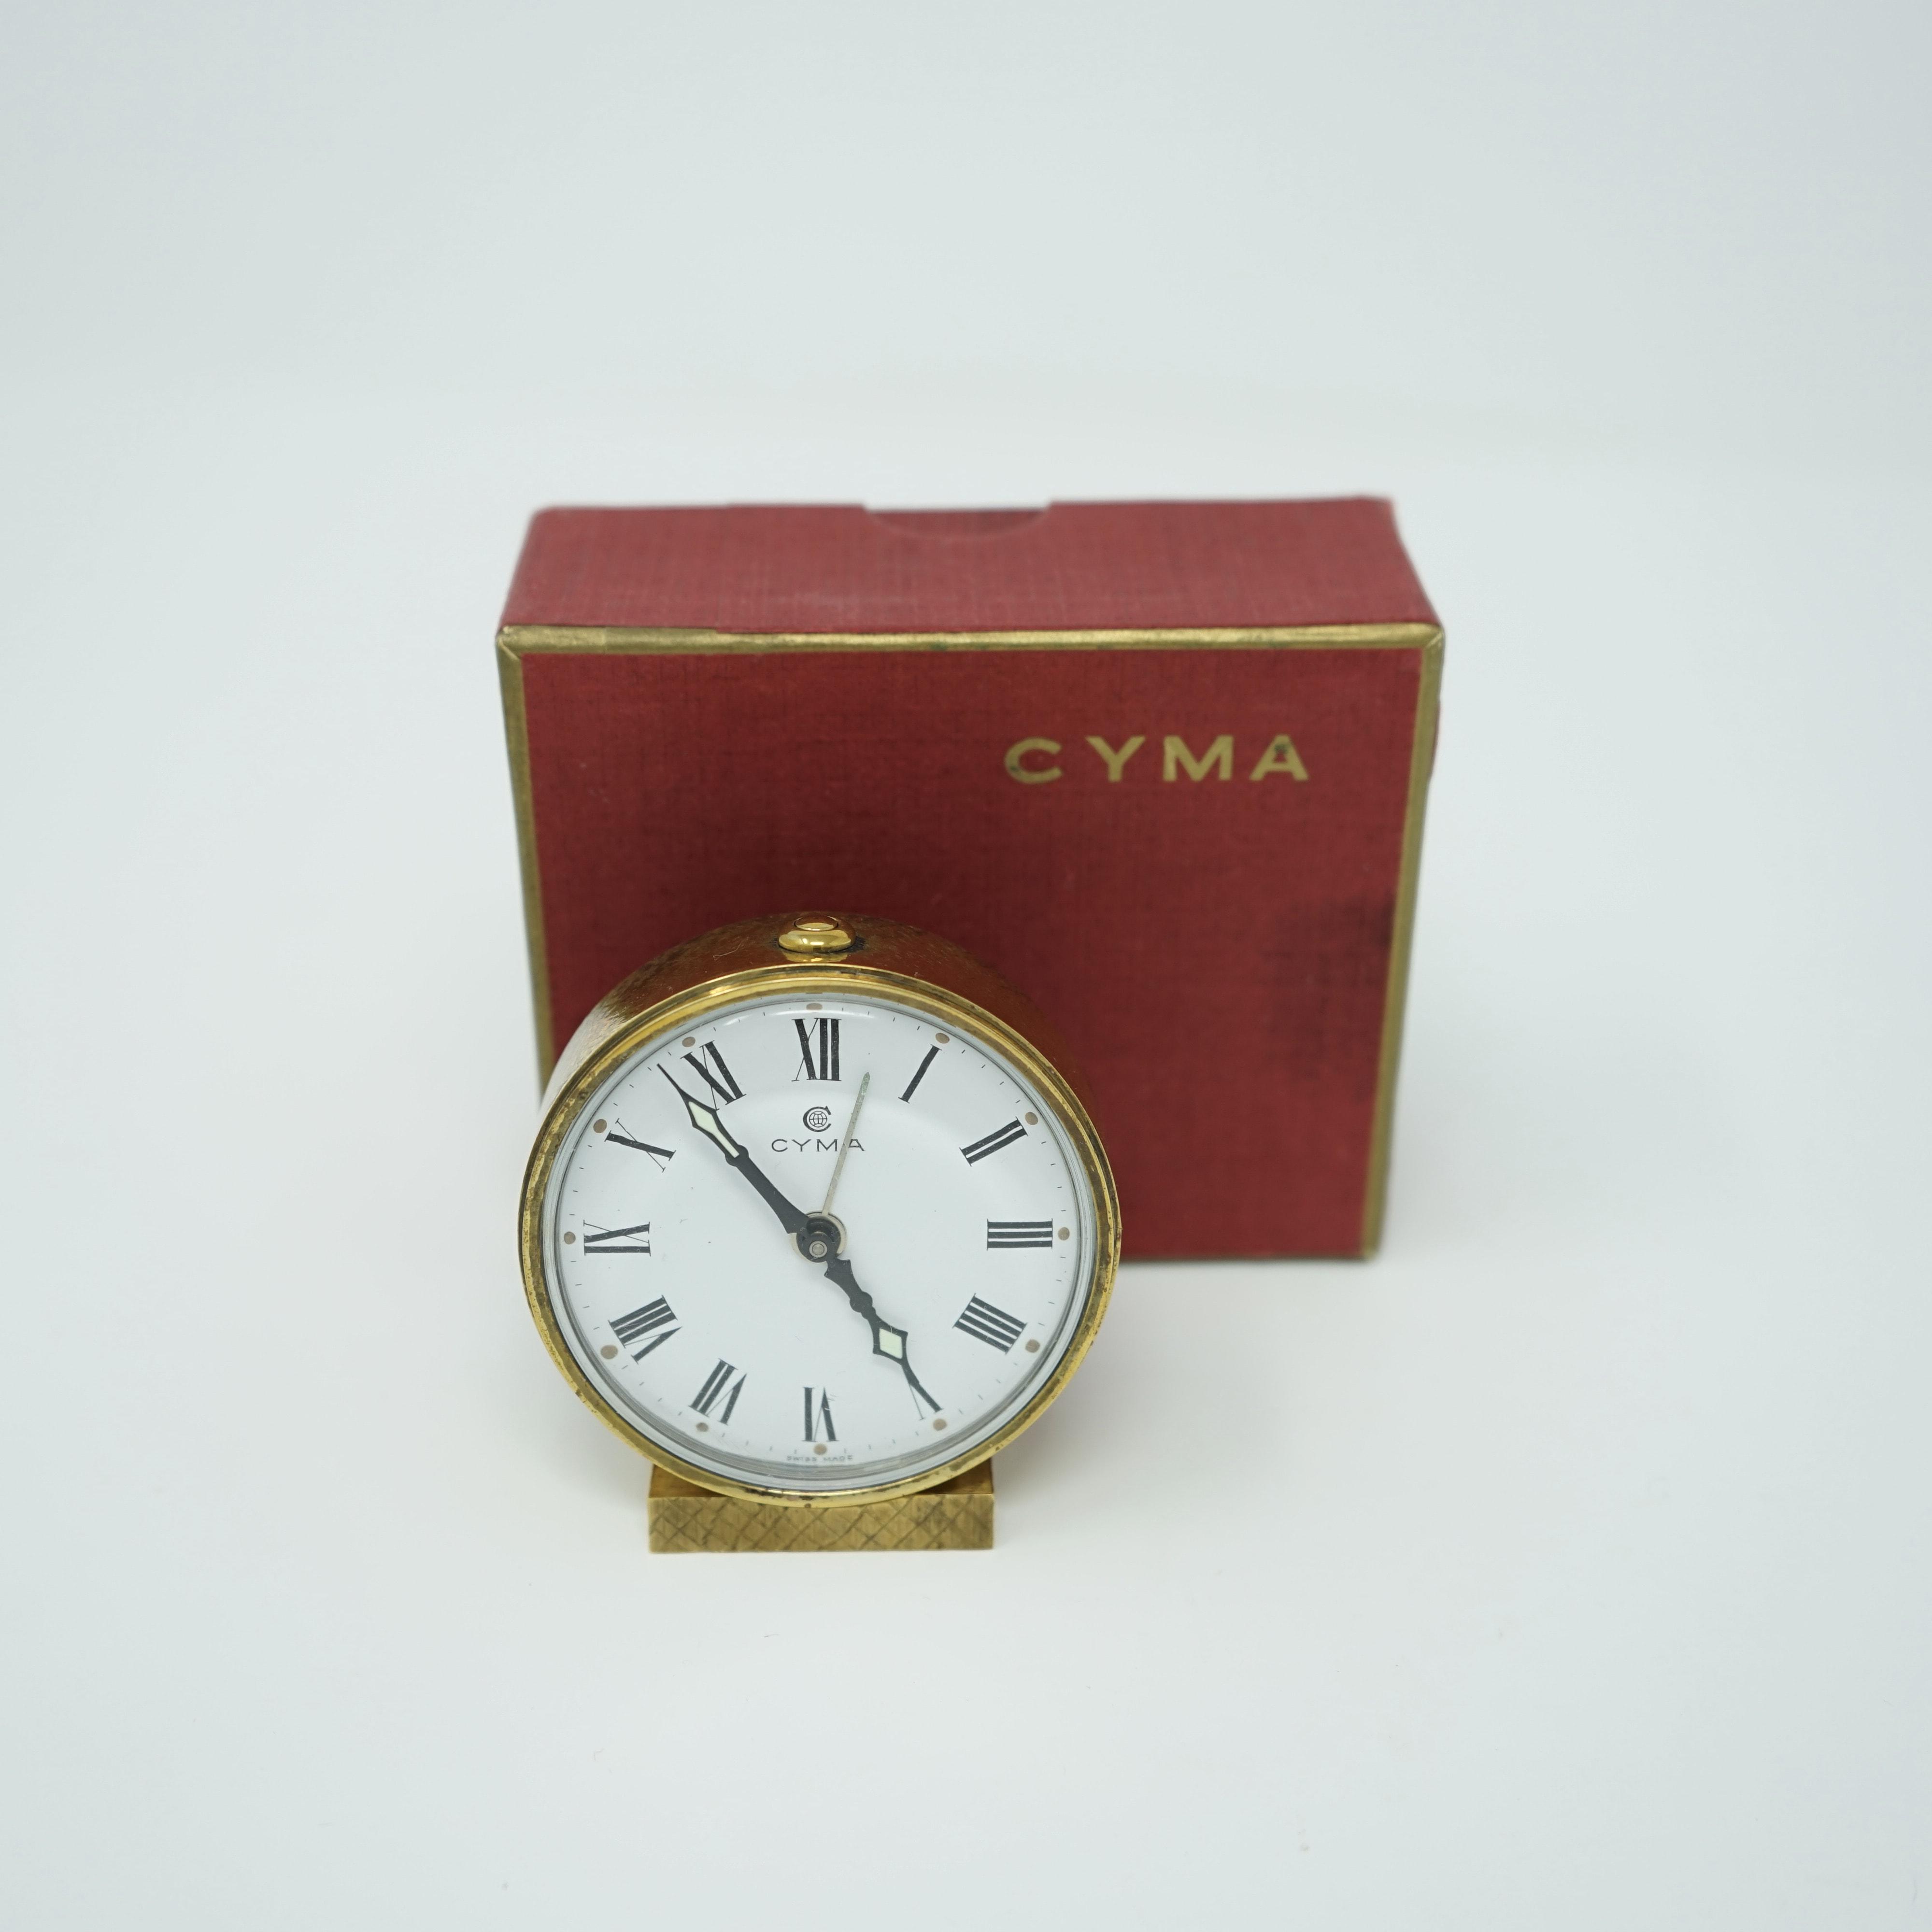 Réveil Mécanique Cyma avec Boîte avant